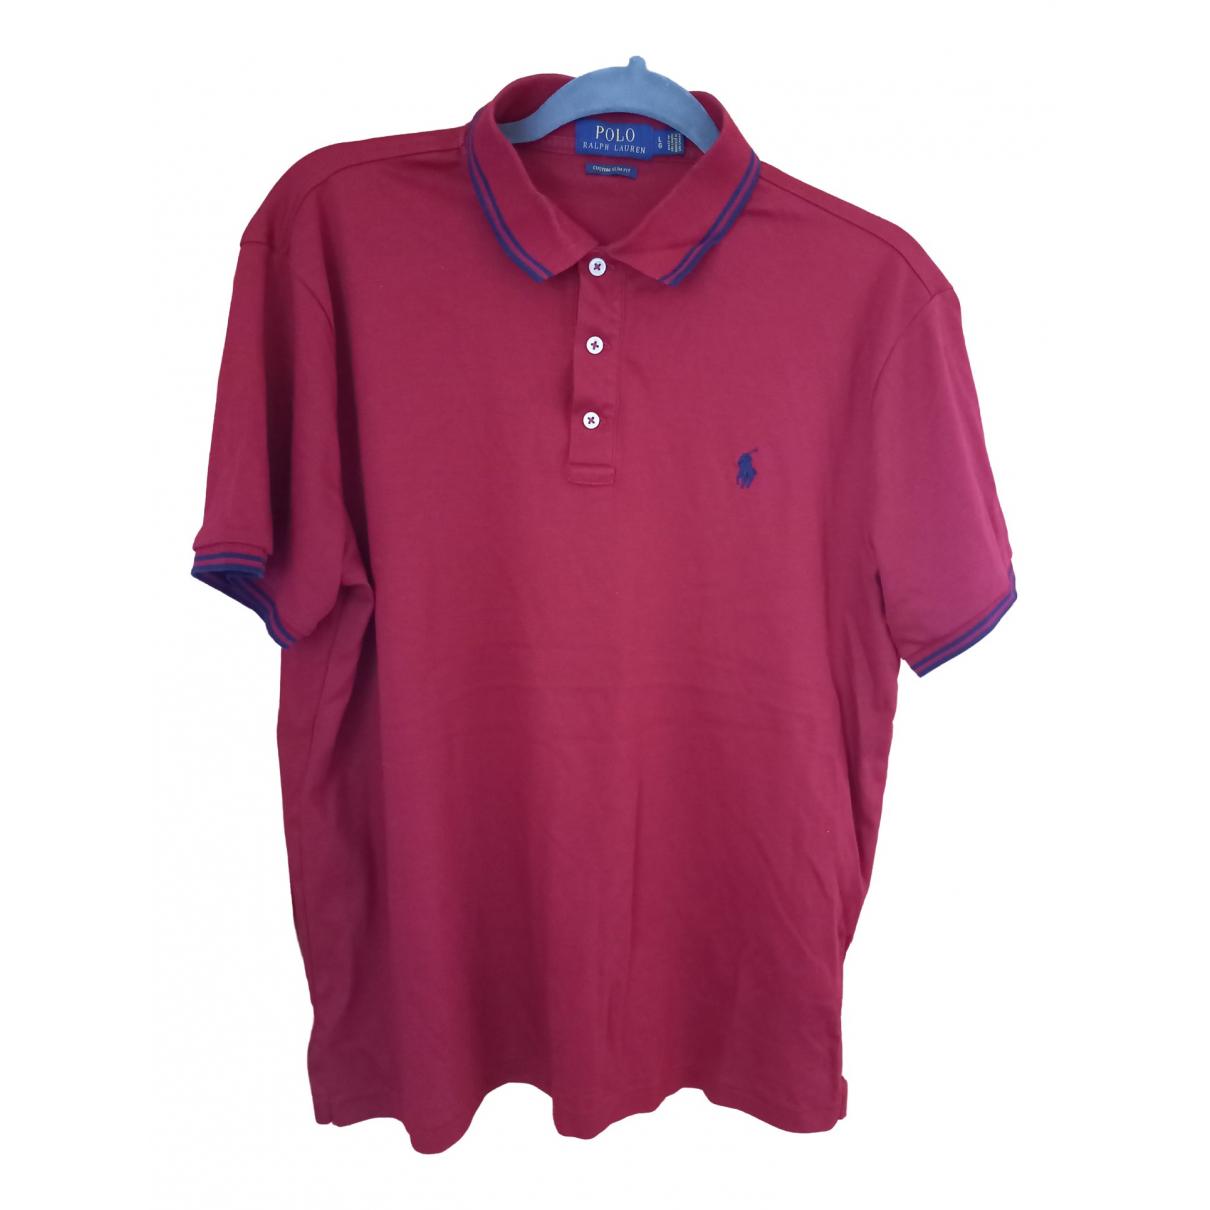 Polo Ralph Lauren - Polos Polo ajuste manches courtes pour homme en coton - bordeaux